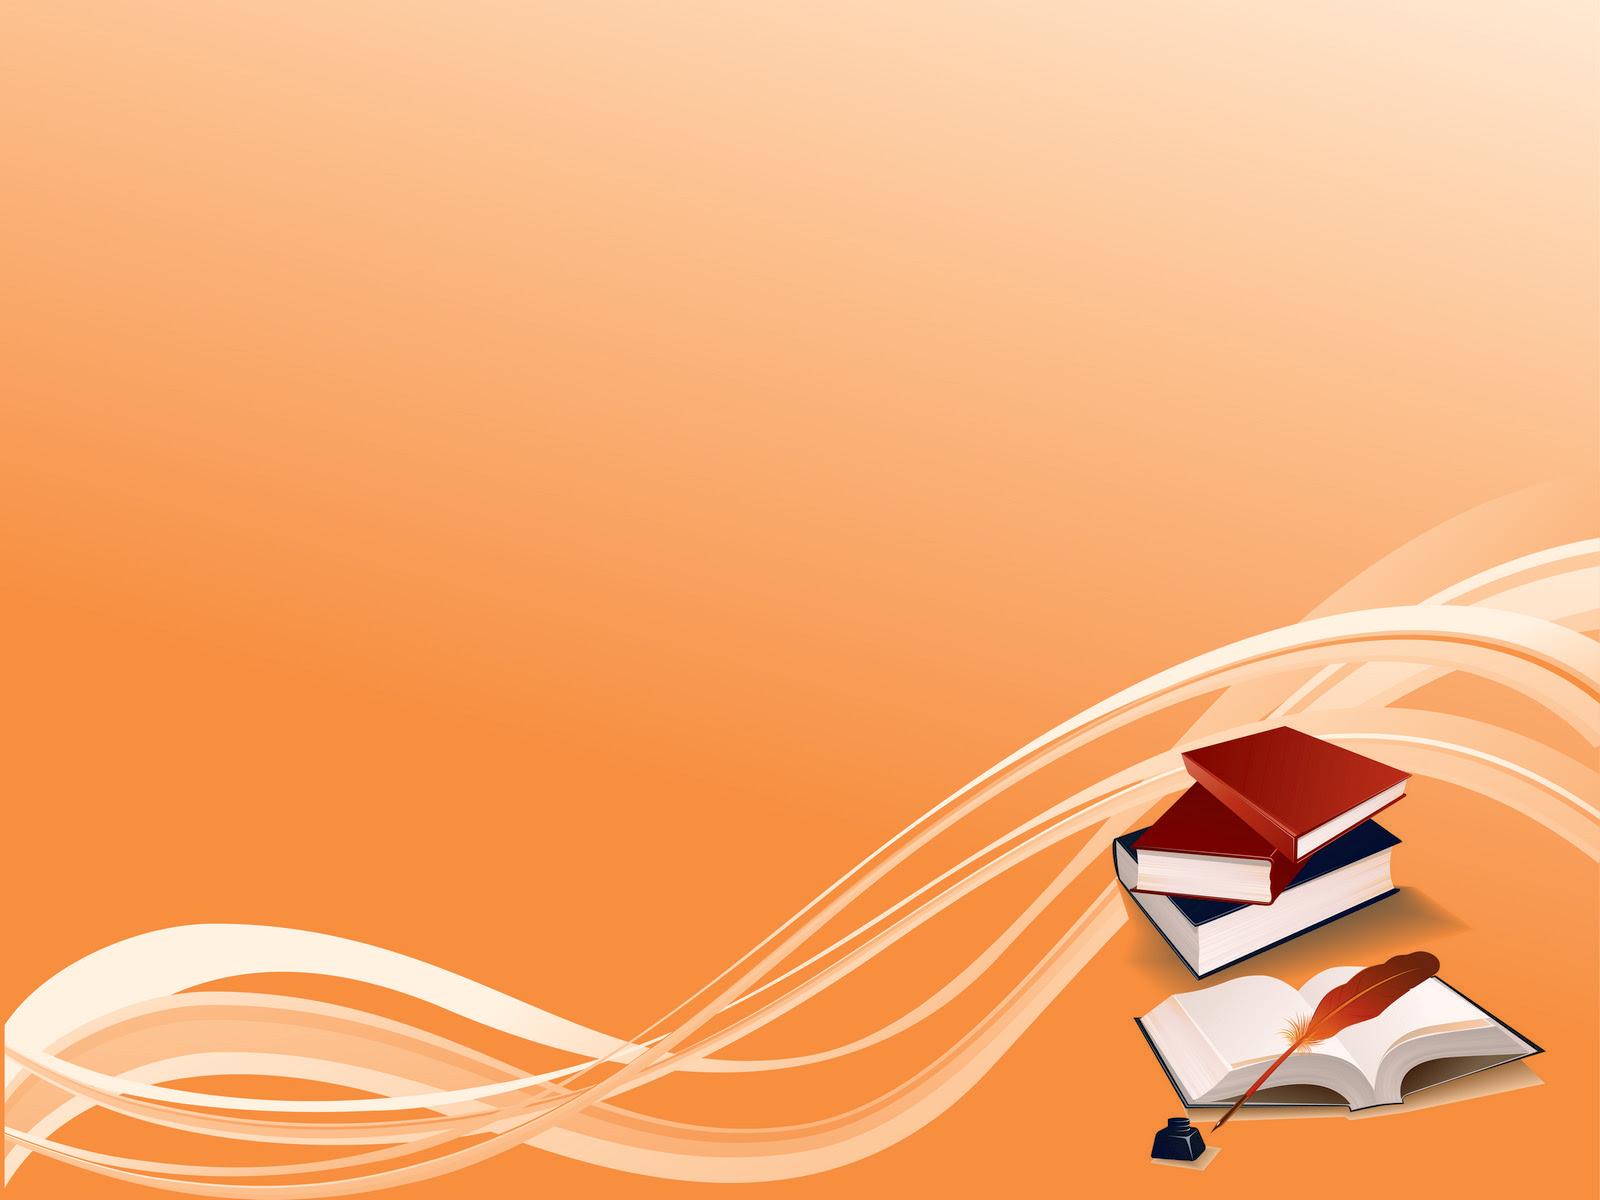 Books On Orange Bg PPT Backgrounds, Books On Orange Bg ppt ...